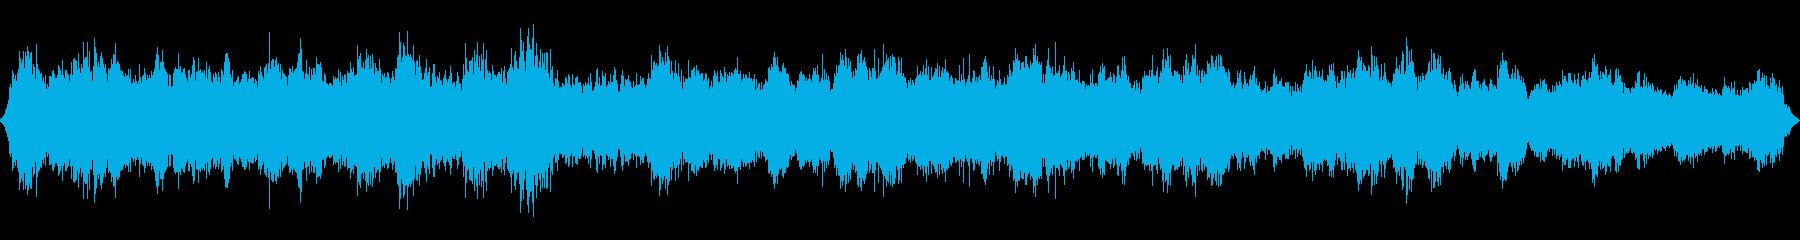 崖の上に吹く強い突風の再生済みの波形